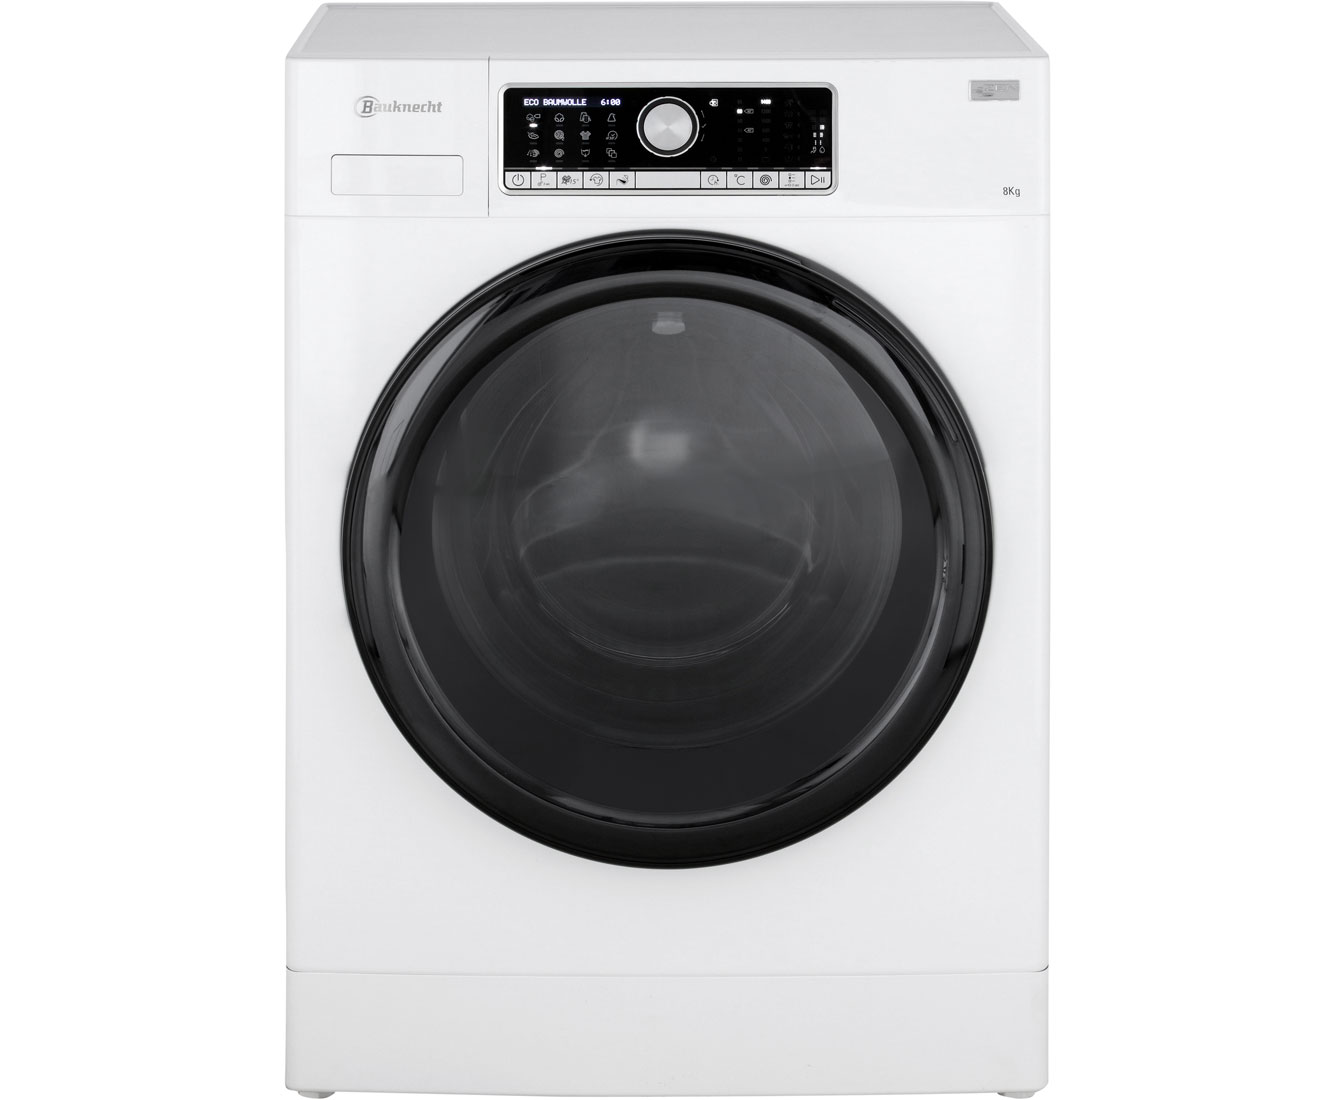 Bauknecht premiumcare wm style zen waschmaschine kg u